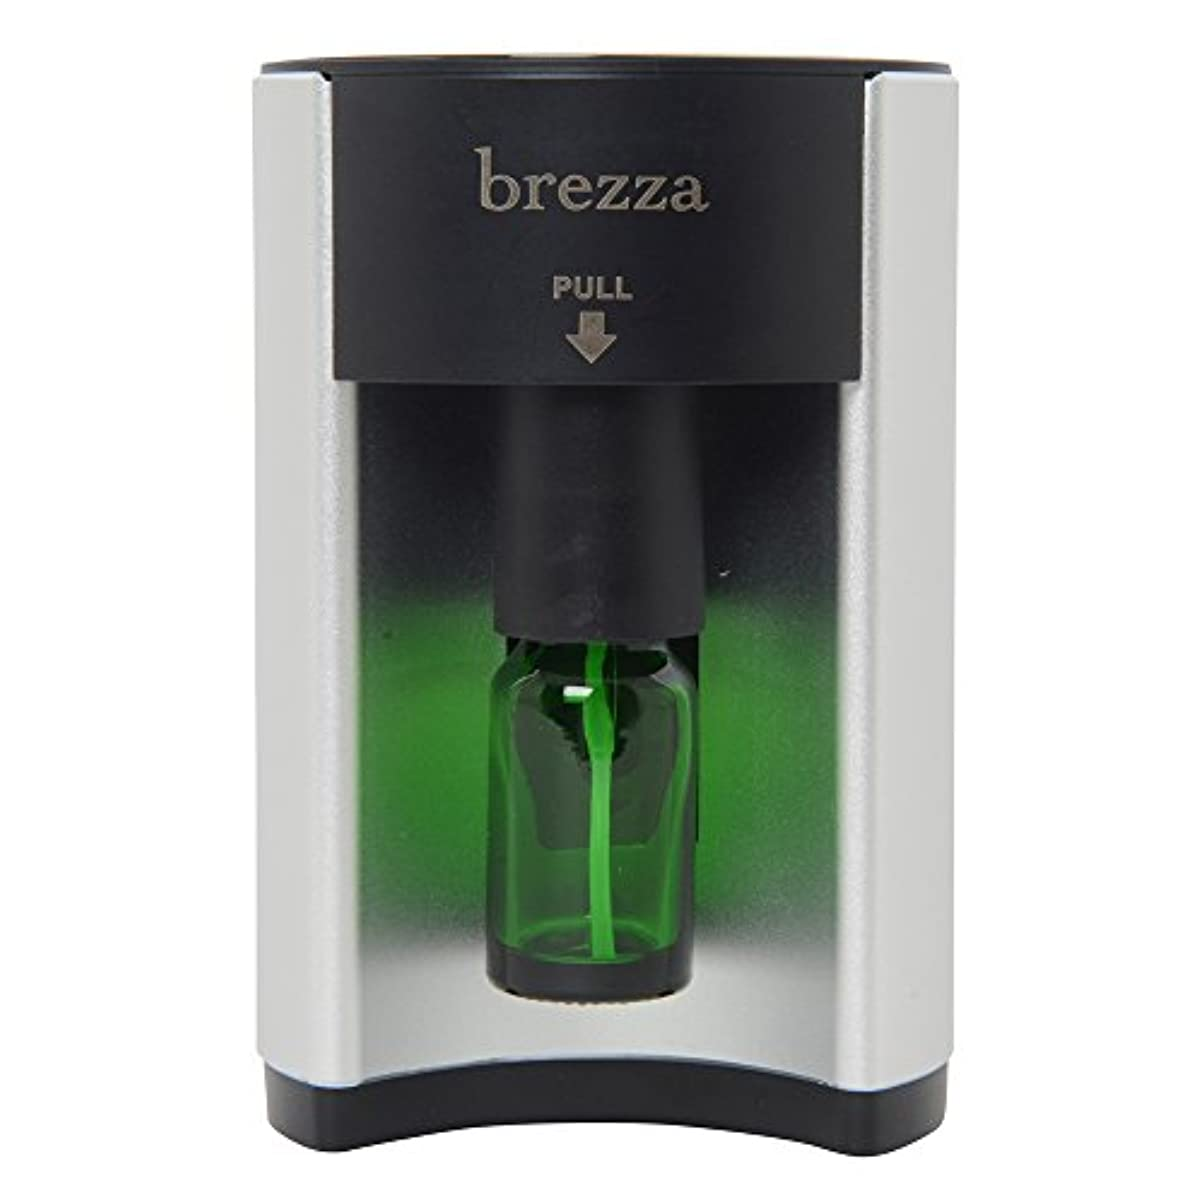 面倒慎重にプラスチックフレーバーライフ brezza(ブレッザ) アロマディフューザー